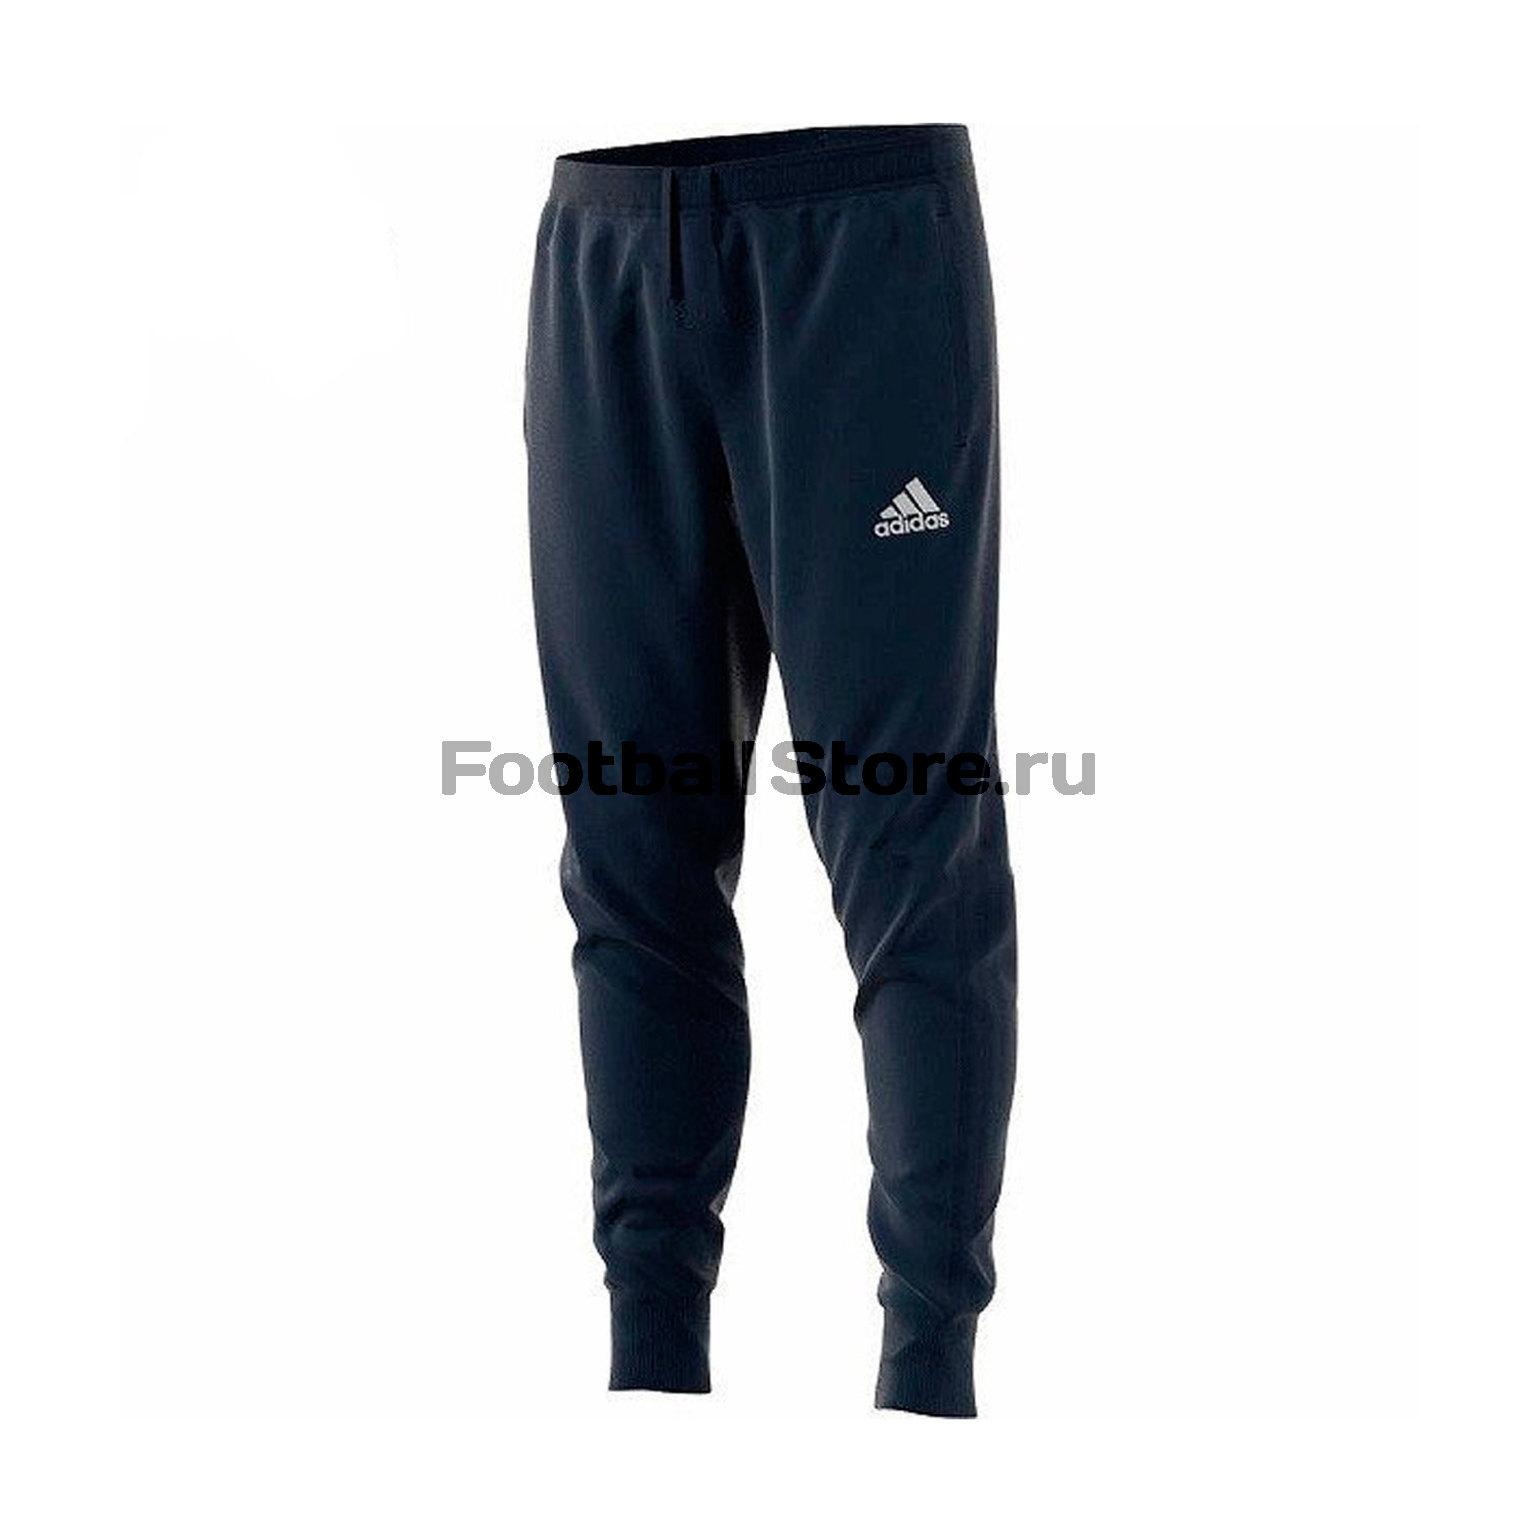 Брюки тренировочные Adidas Tiro17 SWT PNT BQ2678 брюки adidas брюки тренировочные adidas tiro17 swt pnt ay2960